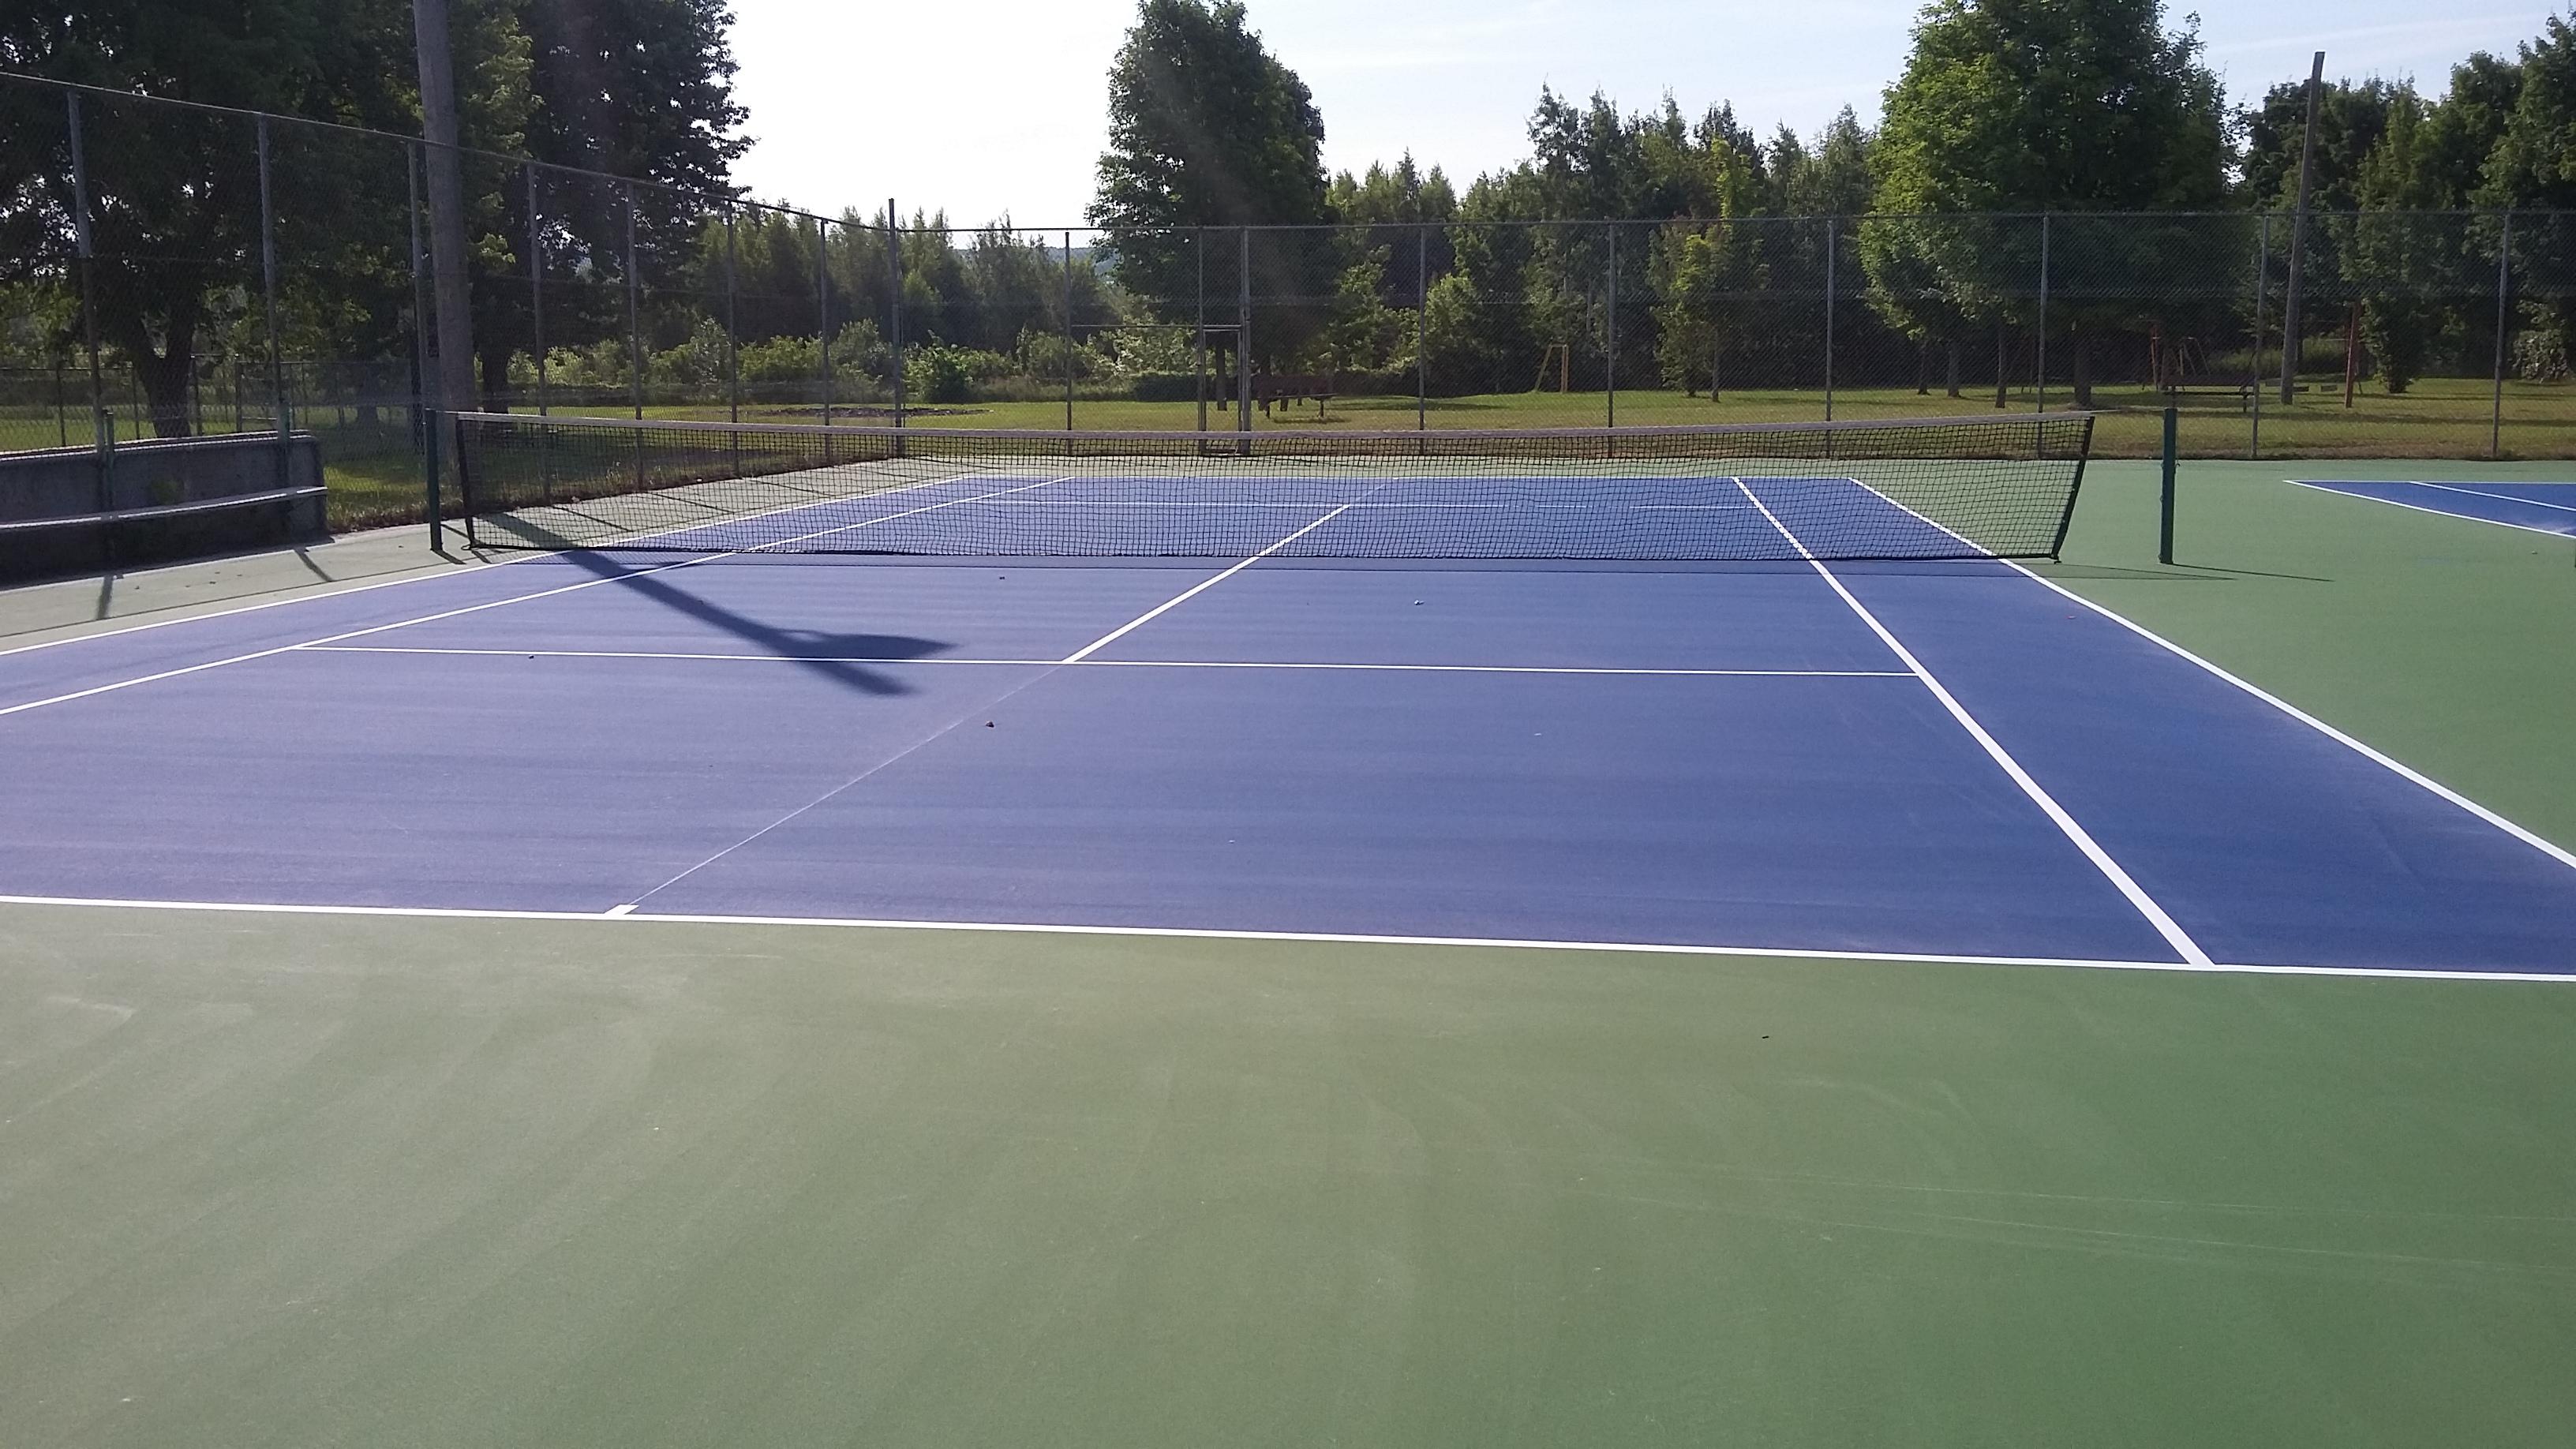 les terrains de tennis remis neuf municipalit de laurierville on cultive la qualit de vie. Black Bedroom Furniture Sets. Home Design Ideas